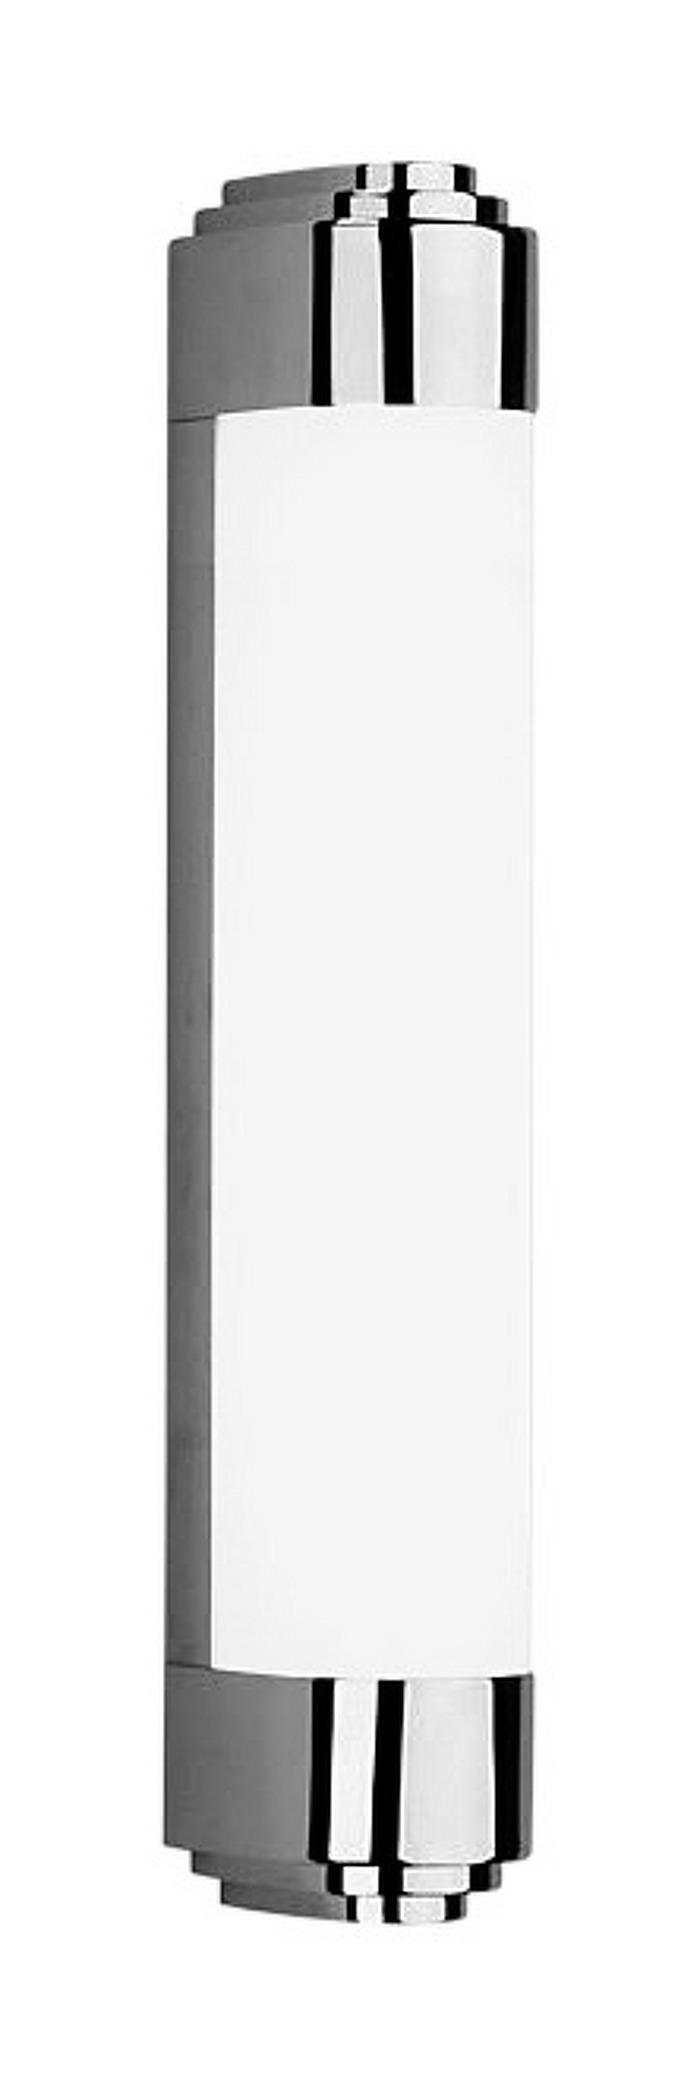 REN0514 - 4 800 Kč